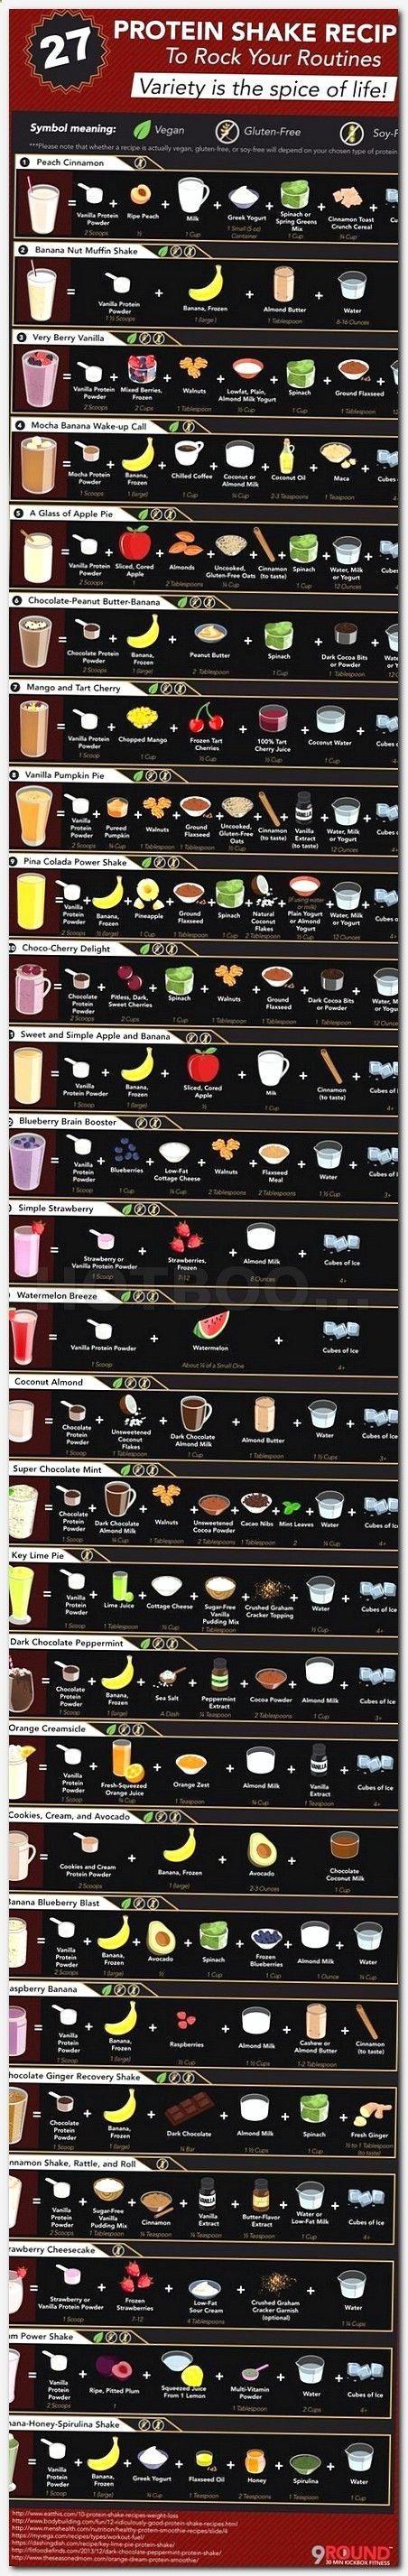 Epi diet plan picture 3